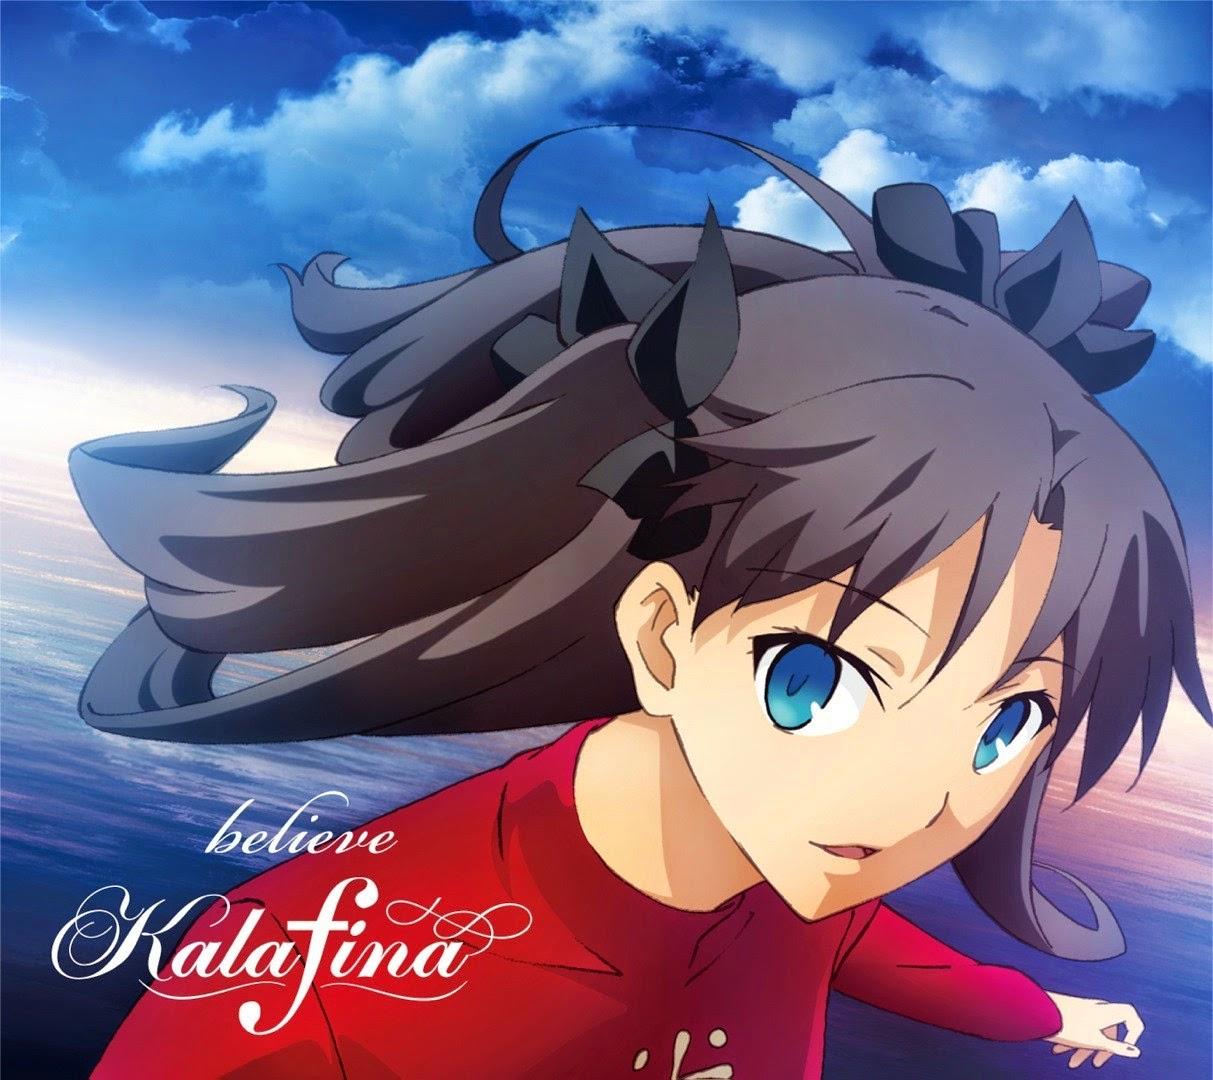 Kalafinaの画像 p1_36